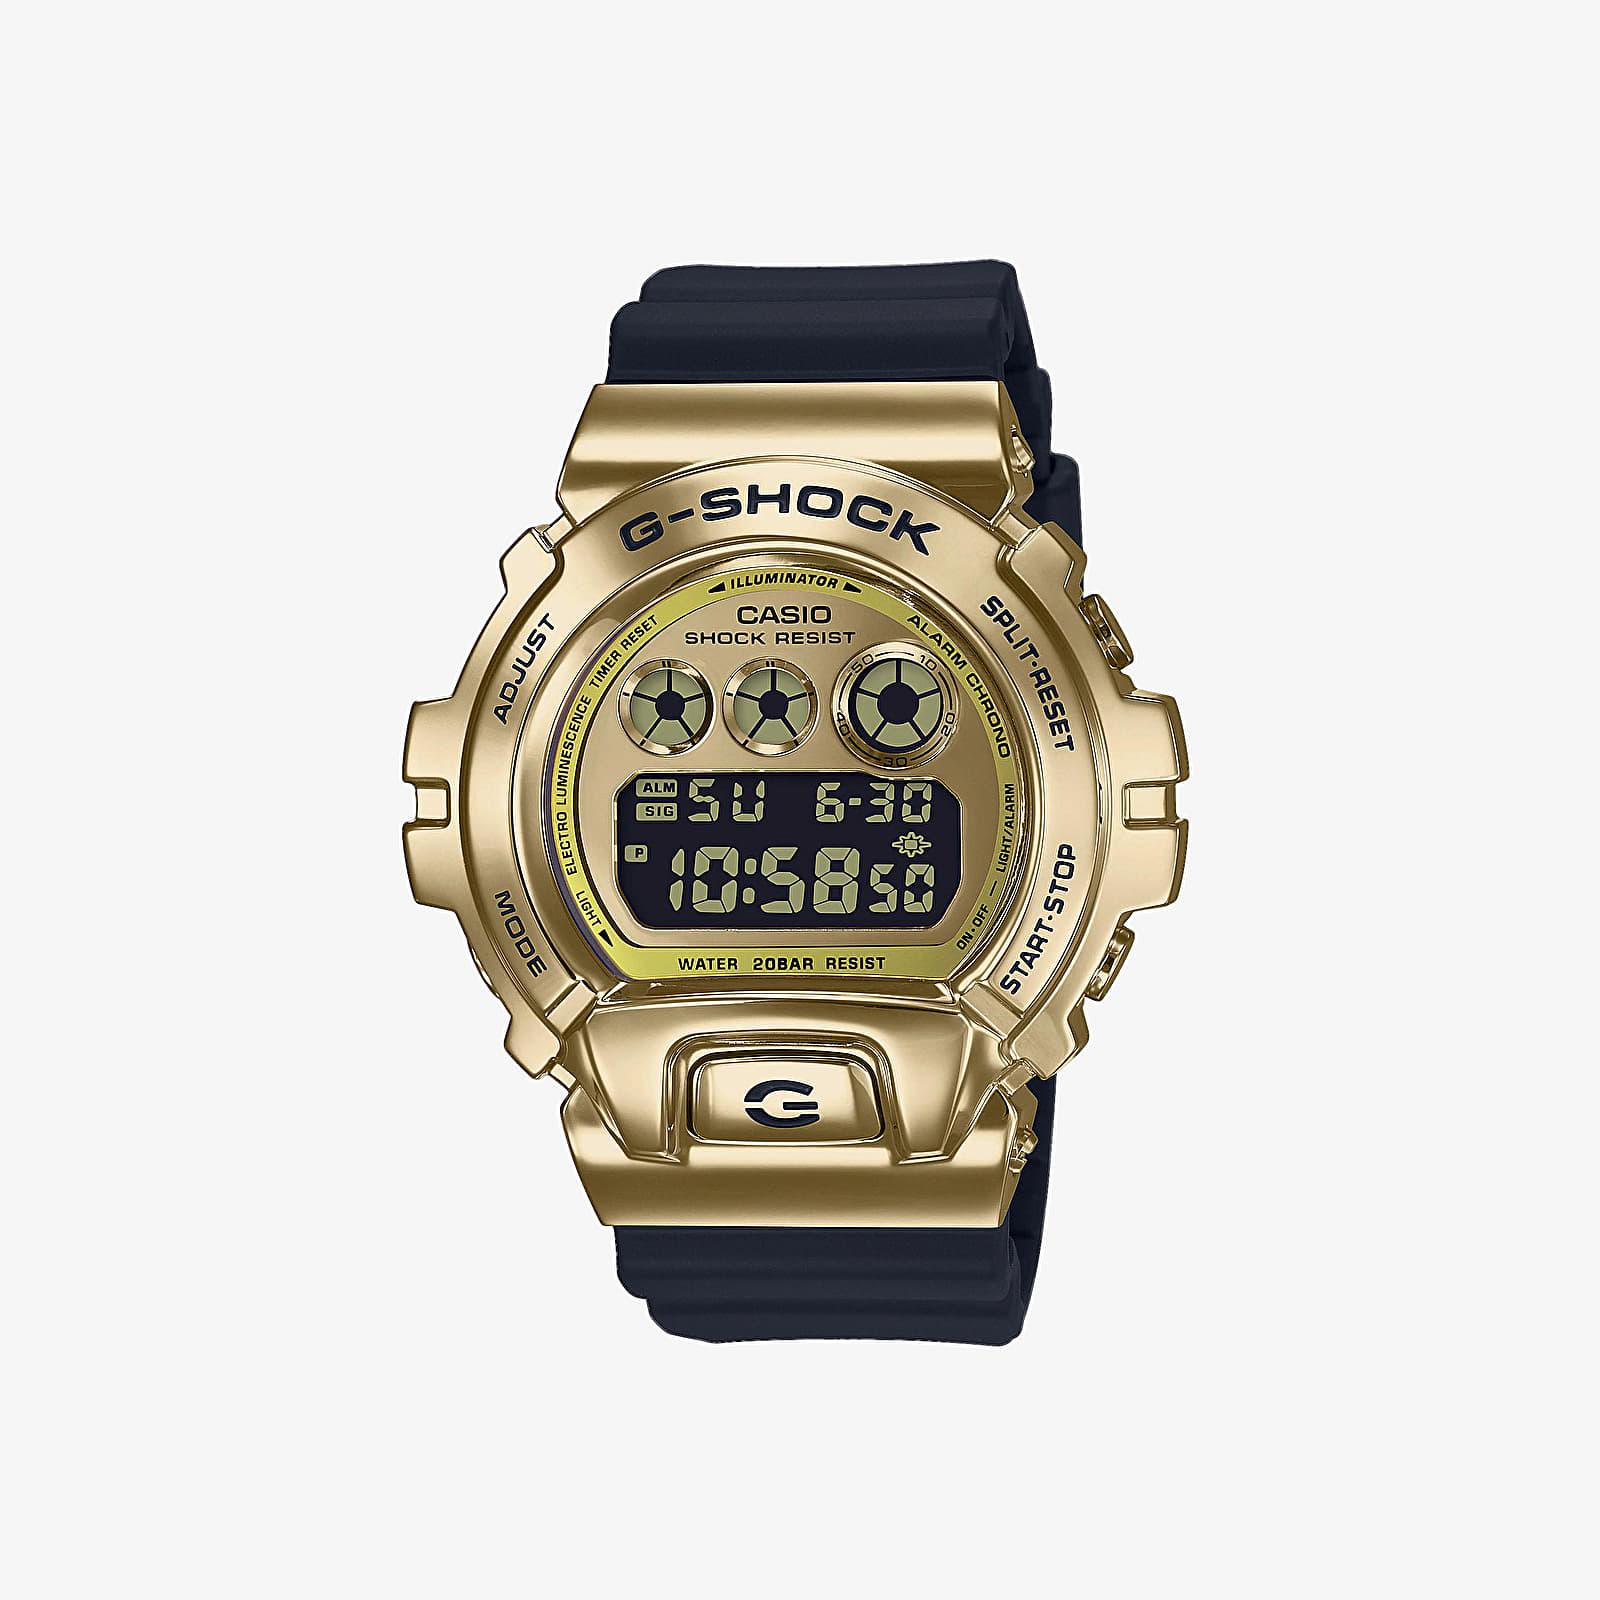 Casio G-Shock Premium GM-6900G-9ER Watch